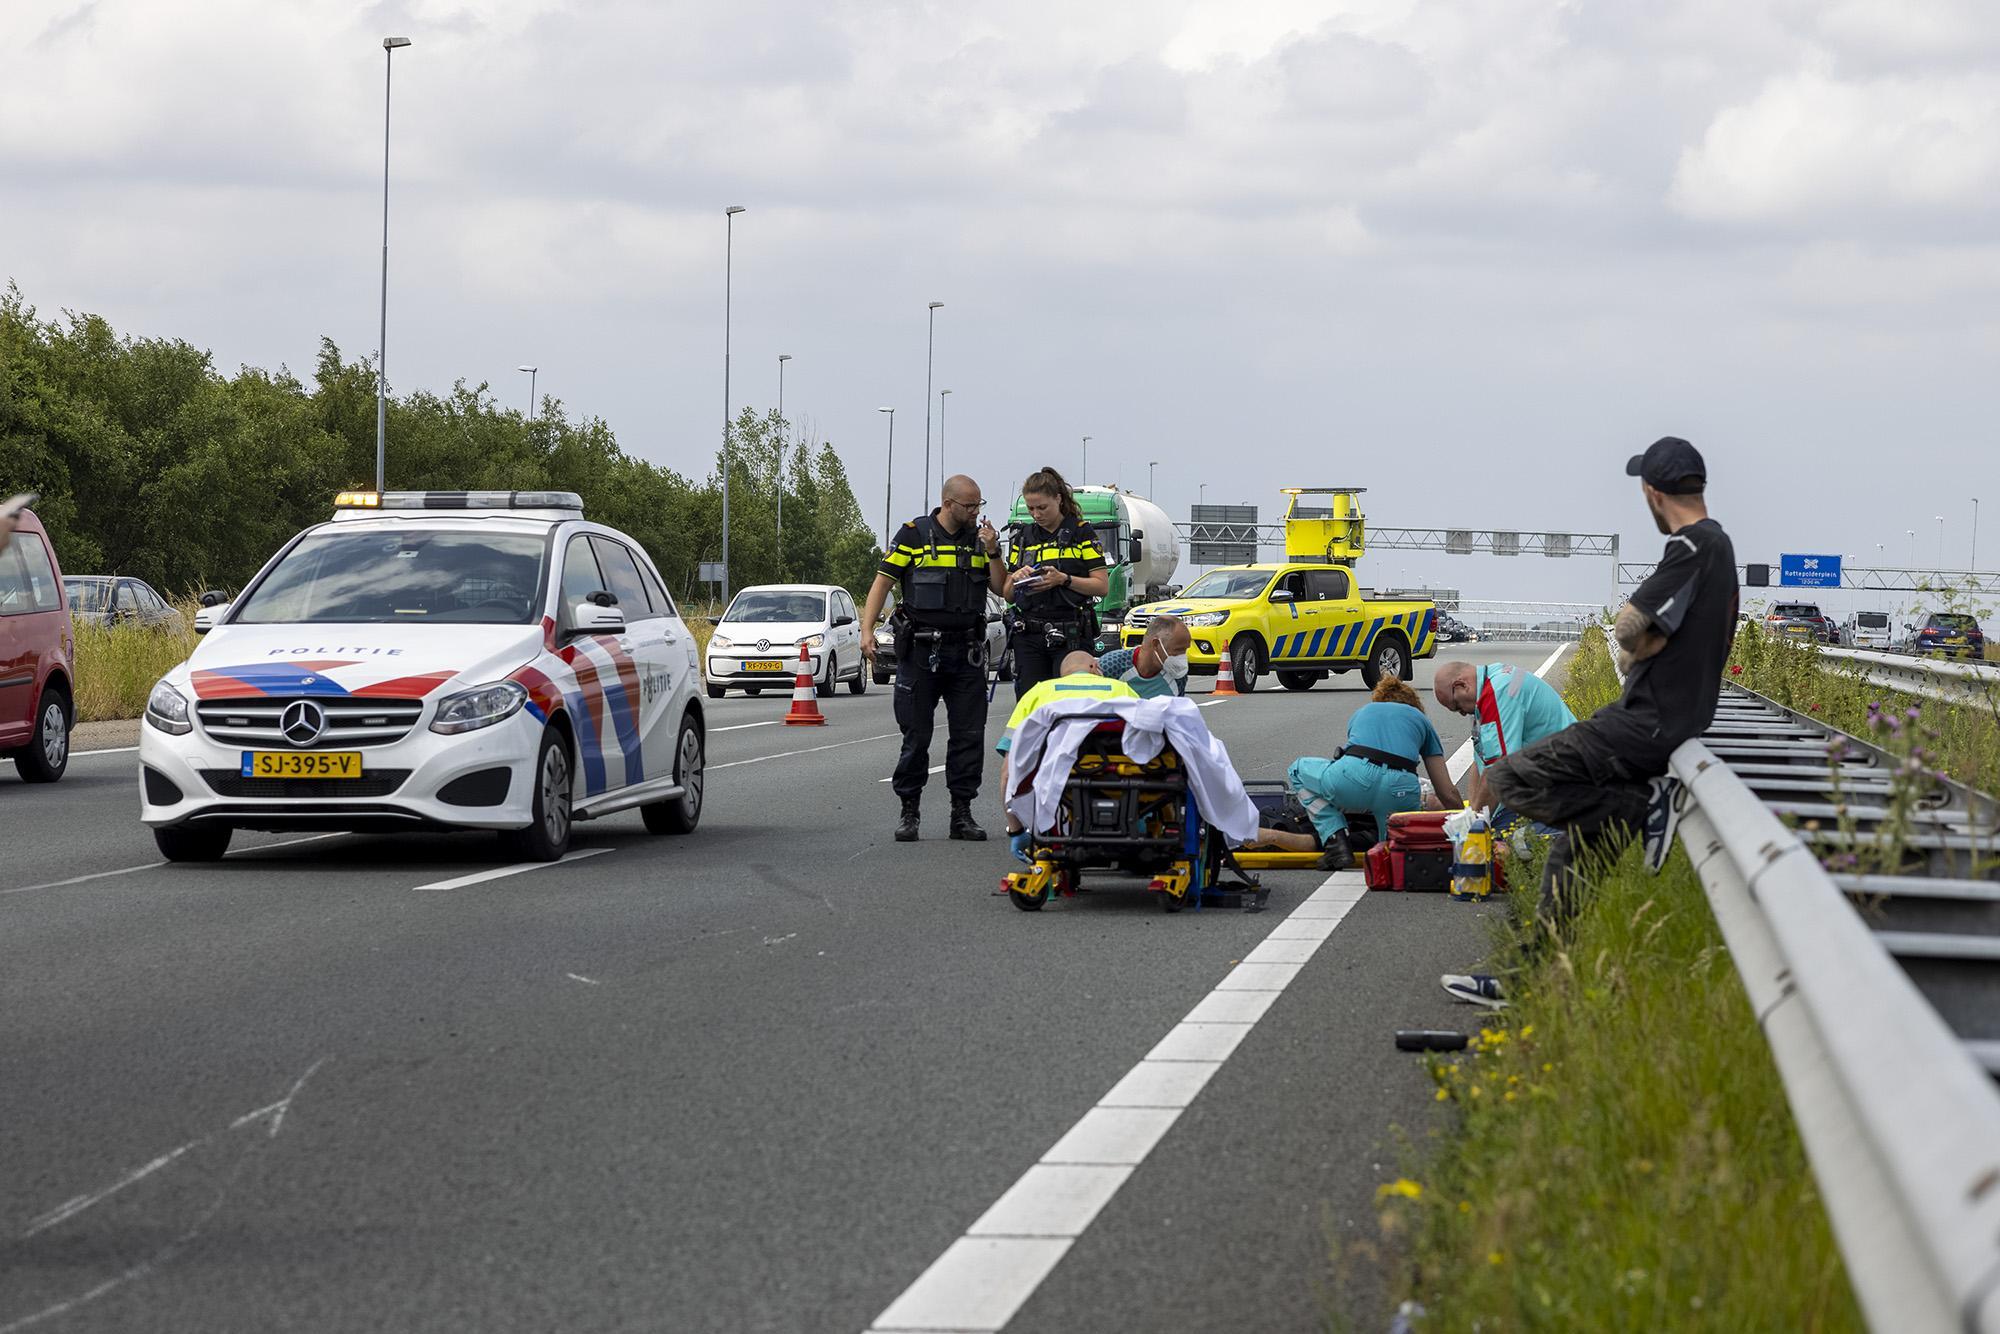 Motorrijder crasht op de A9 bij Boesingheliede, file richting Amsterdam